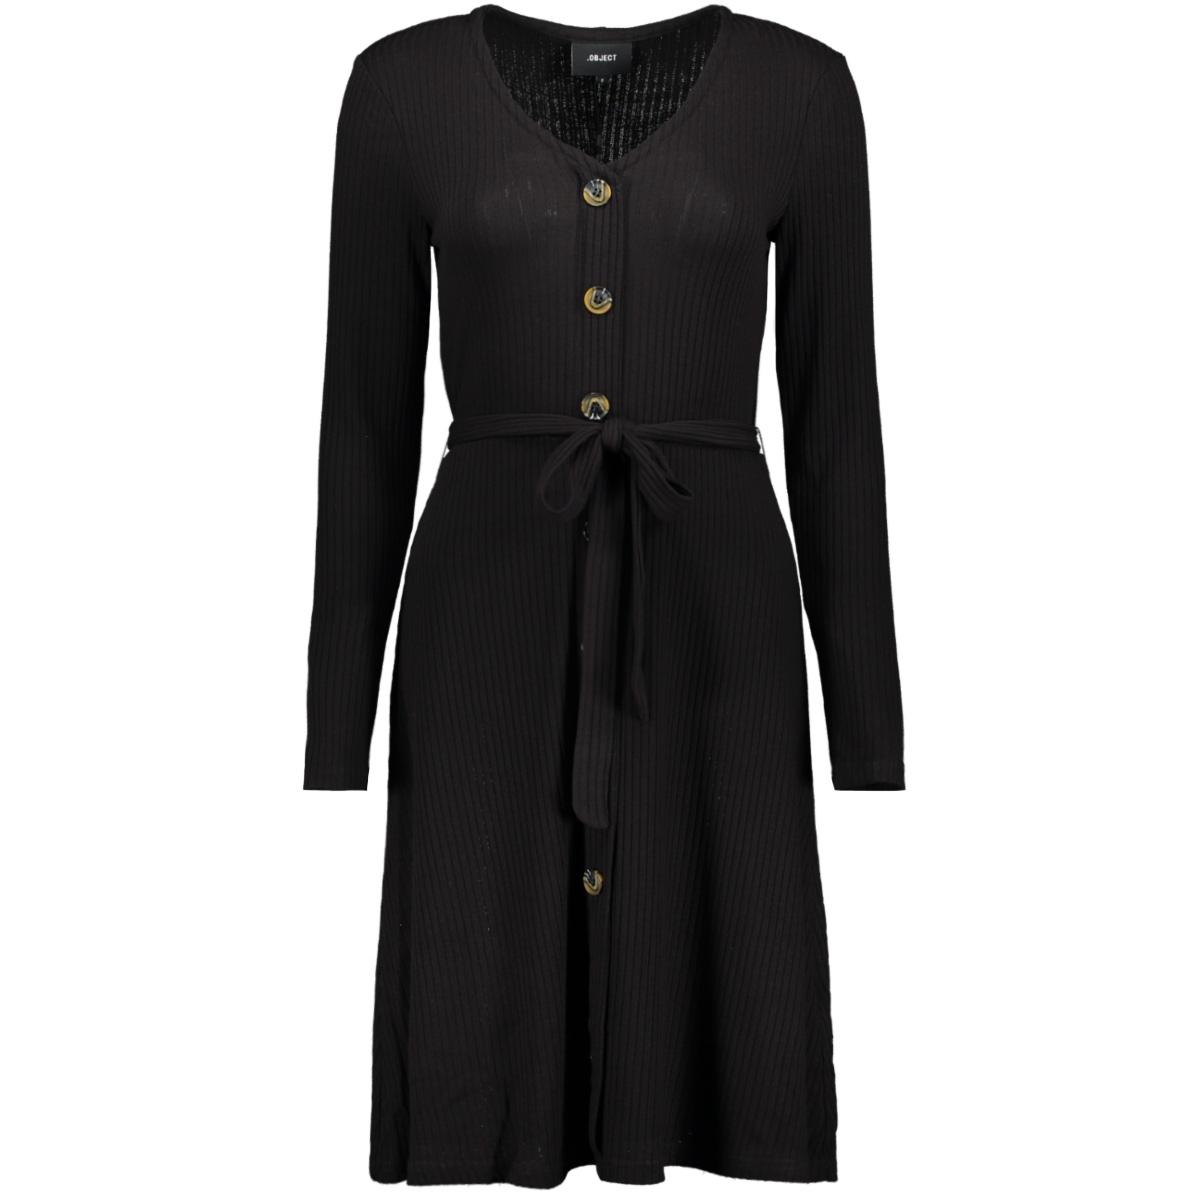 objdebra l/s dress 106 23030712 object jurk black